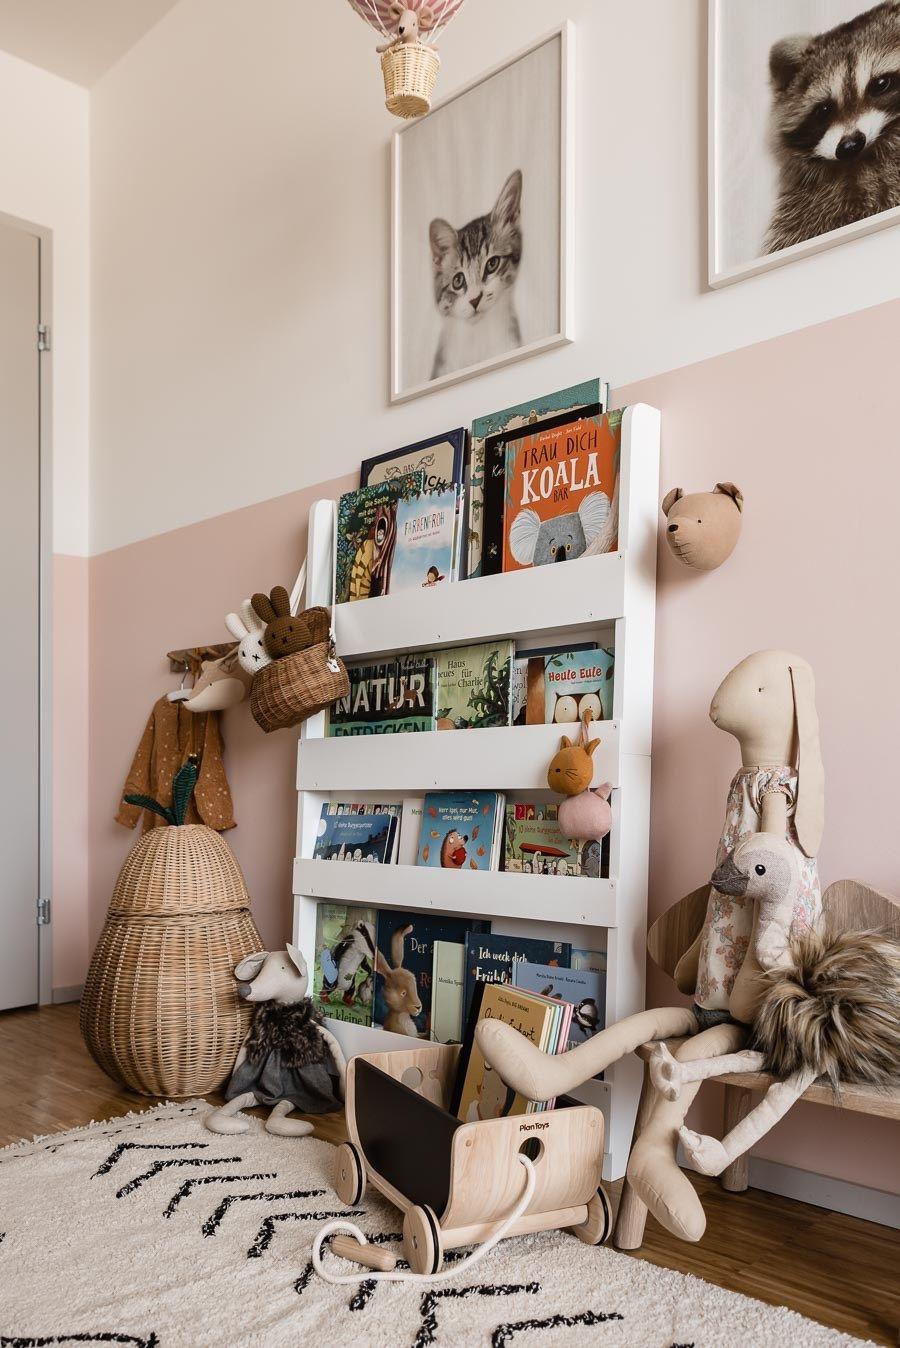 Unsere liebsten Kinderbücher und worin wir sie aufbewahren - Mini & Stil